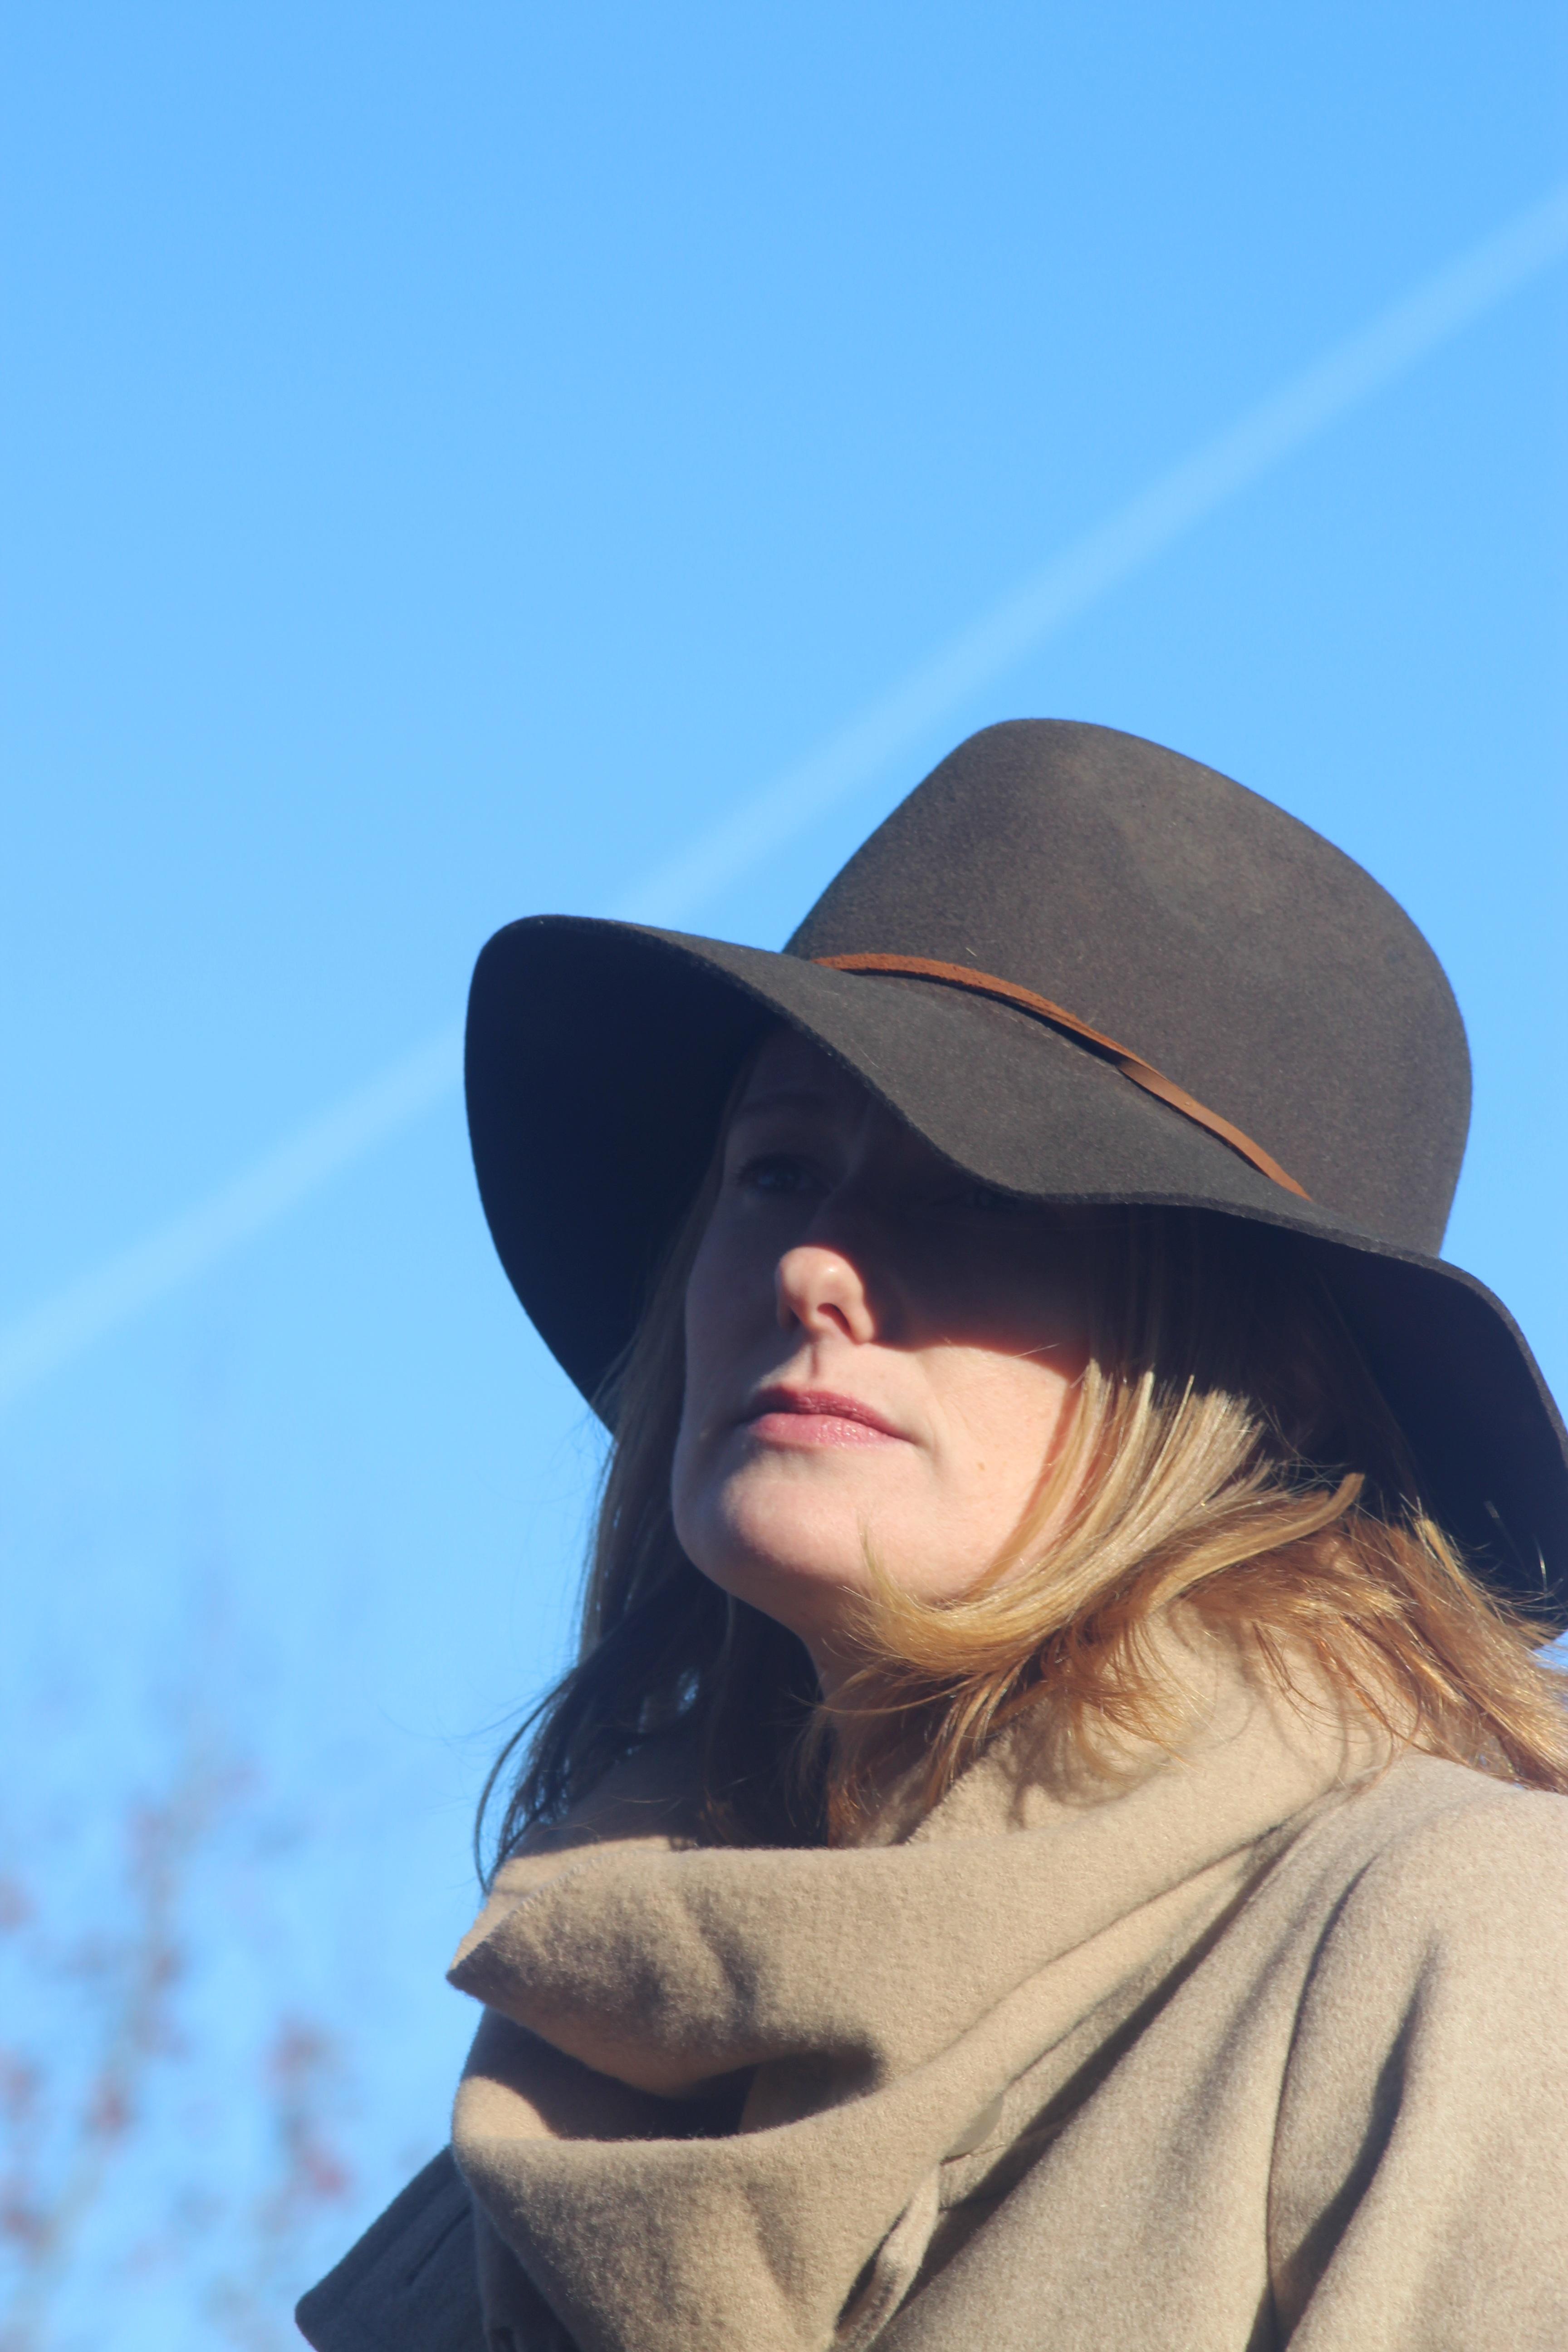 6b7e0d3d86c1 kvinde model hat mode blå tøj dame hovedbeklædning frisure solbriller  briller kasket hoved stil fedora mode